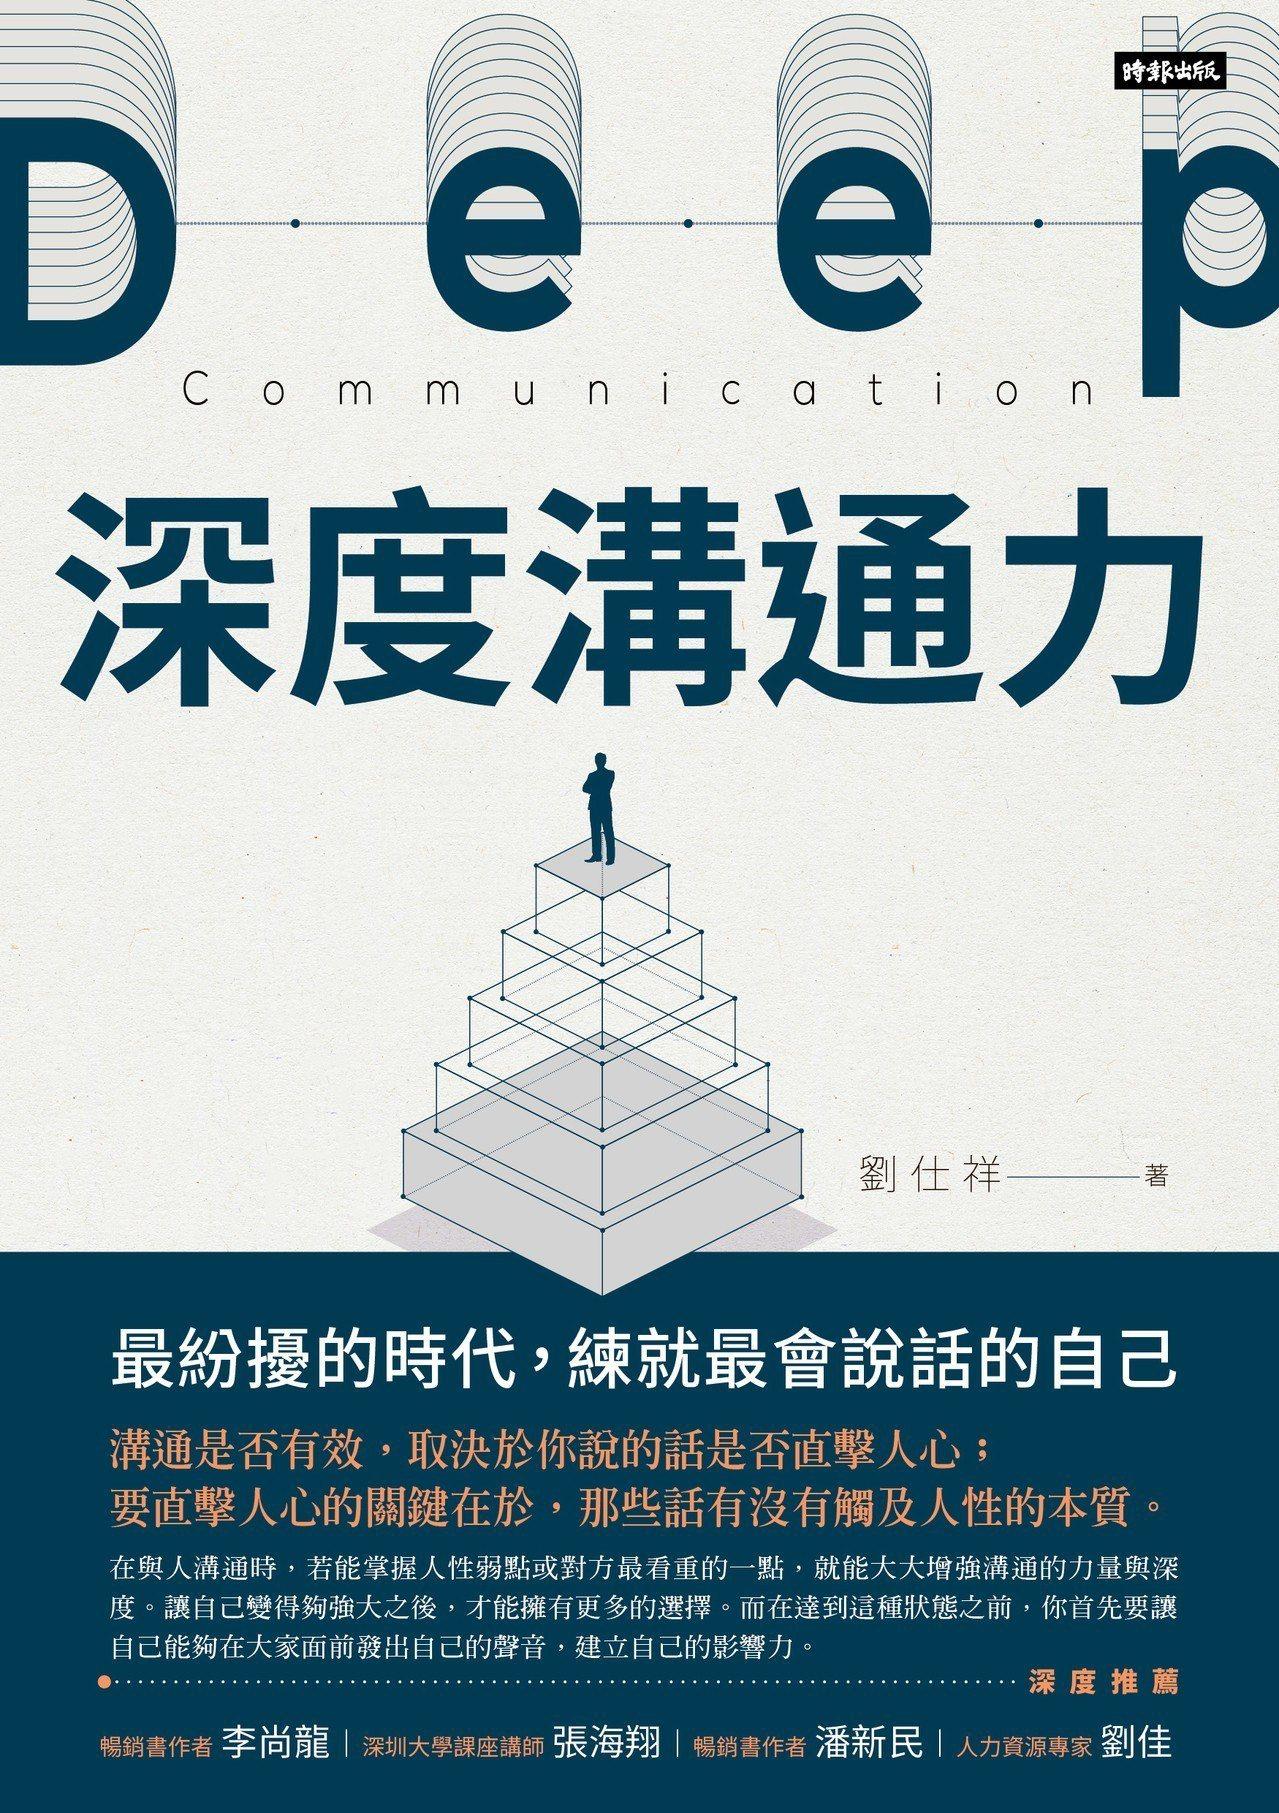 資深演講口才教練劉仕祥推出《深度溝通力:最紛擾的時代,練就最會說話的自己》一書。...